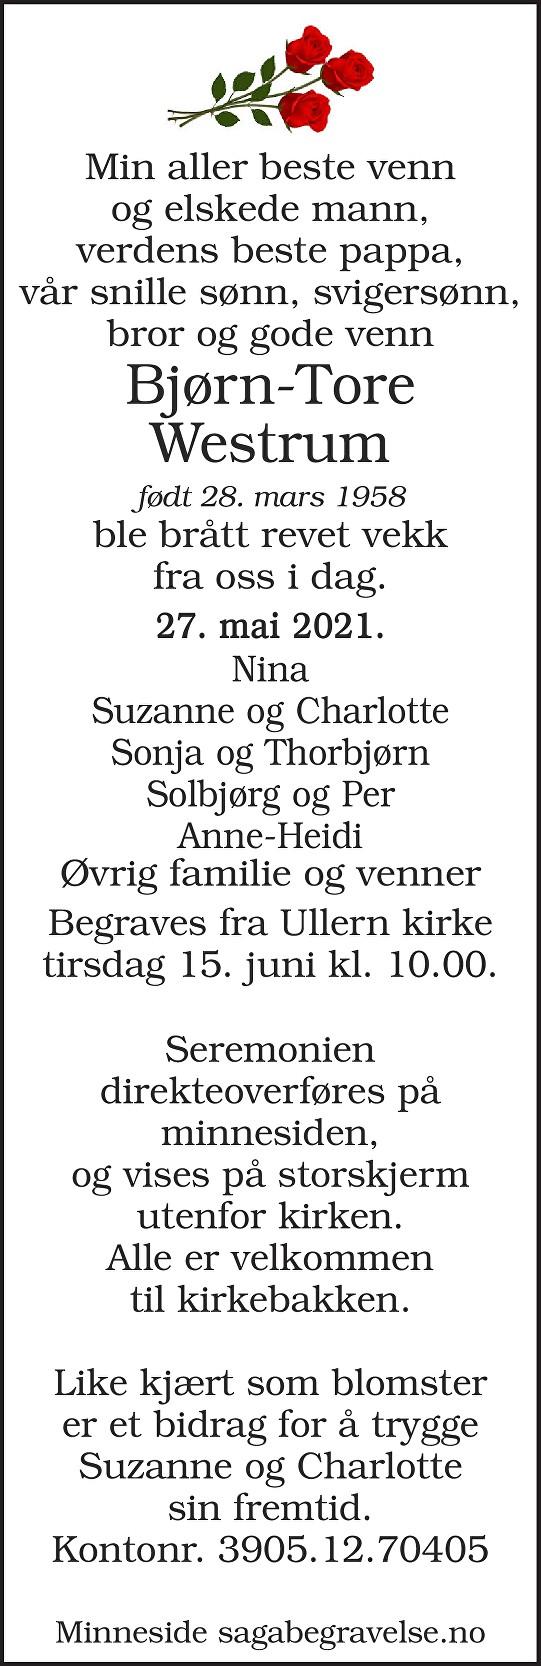 Bjørn-Tore Westrum Dødsannonse